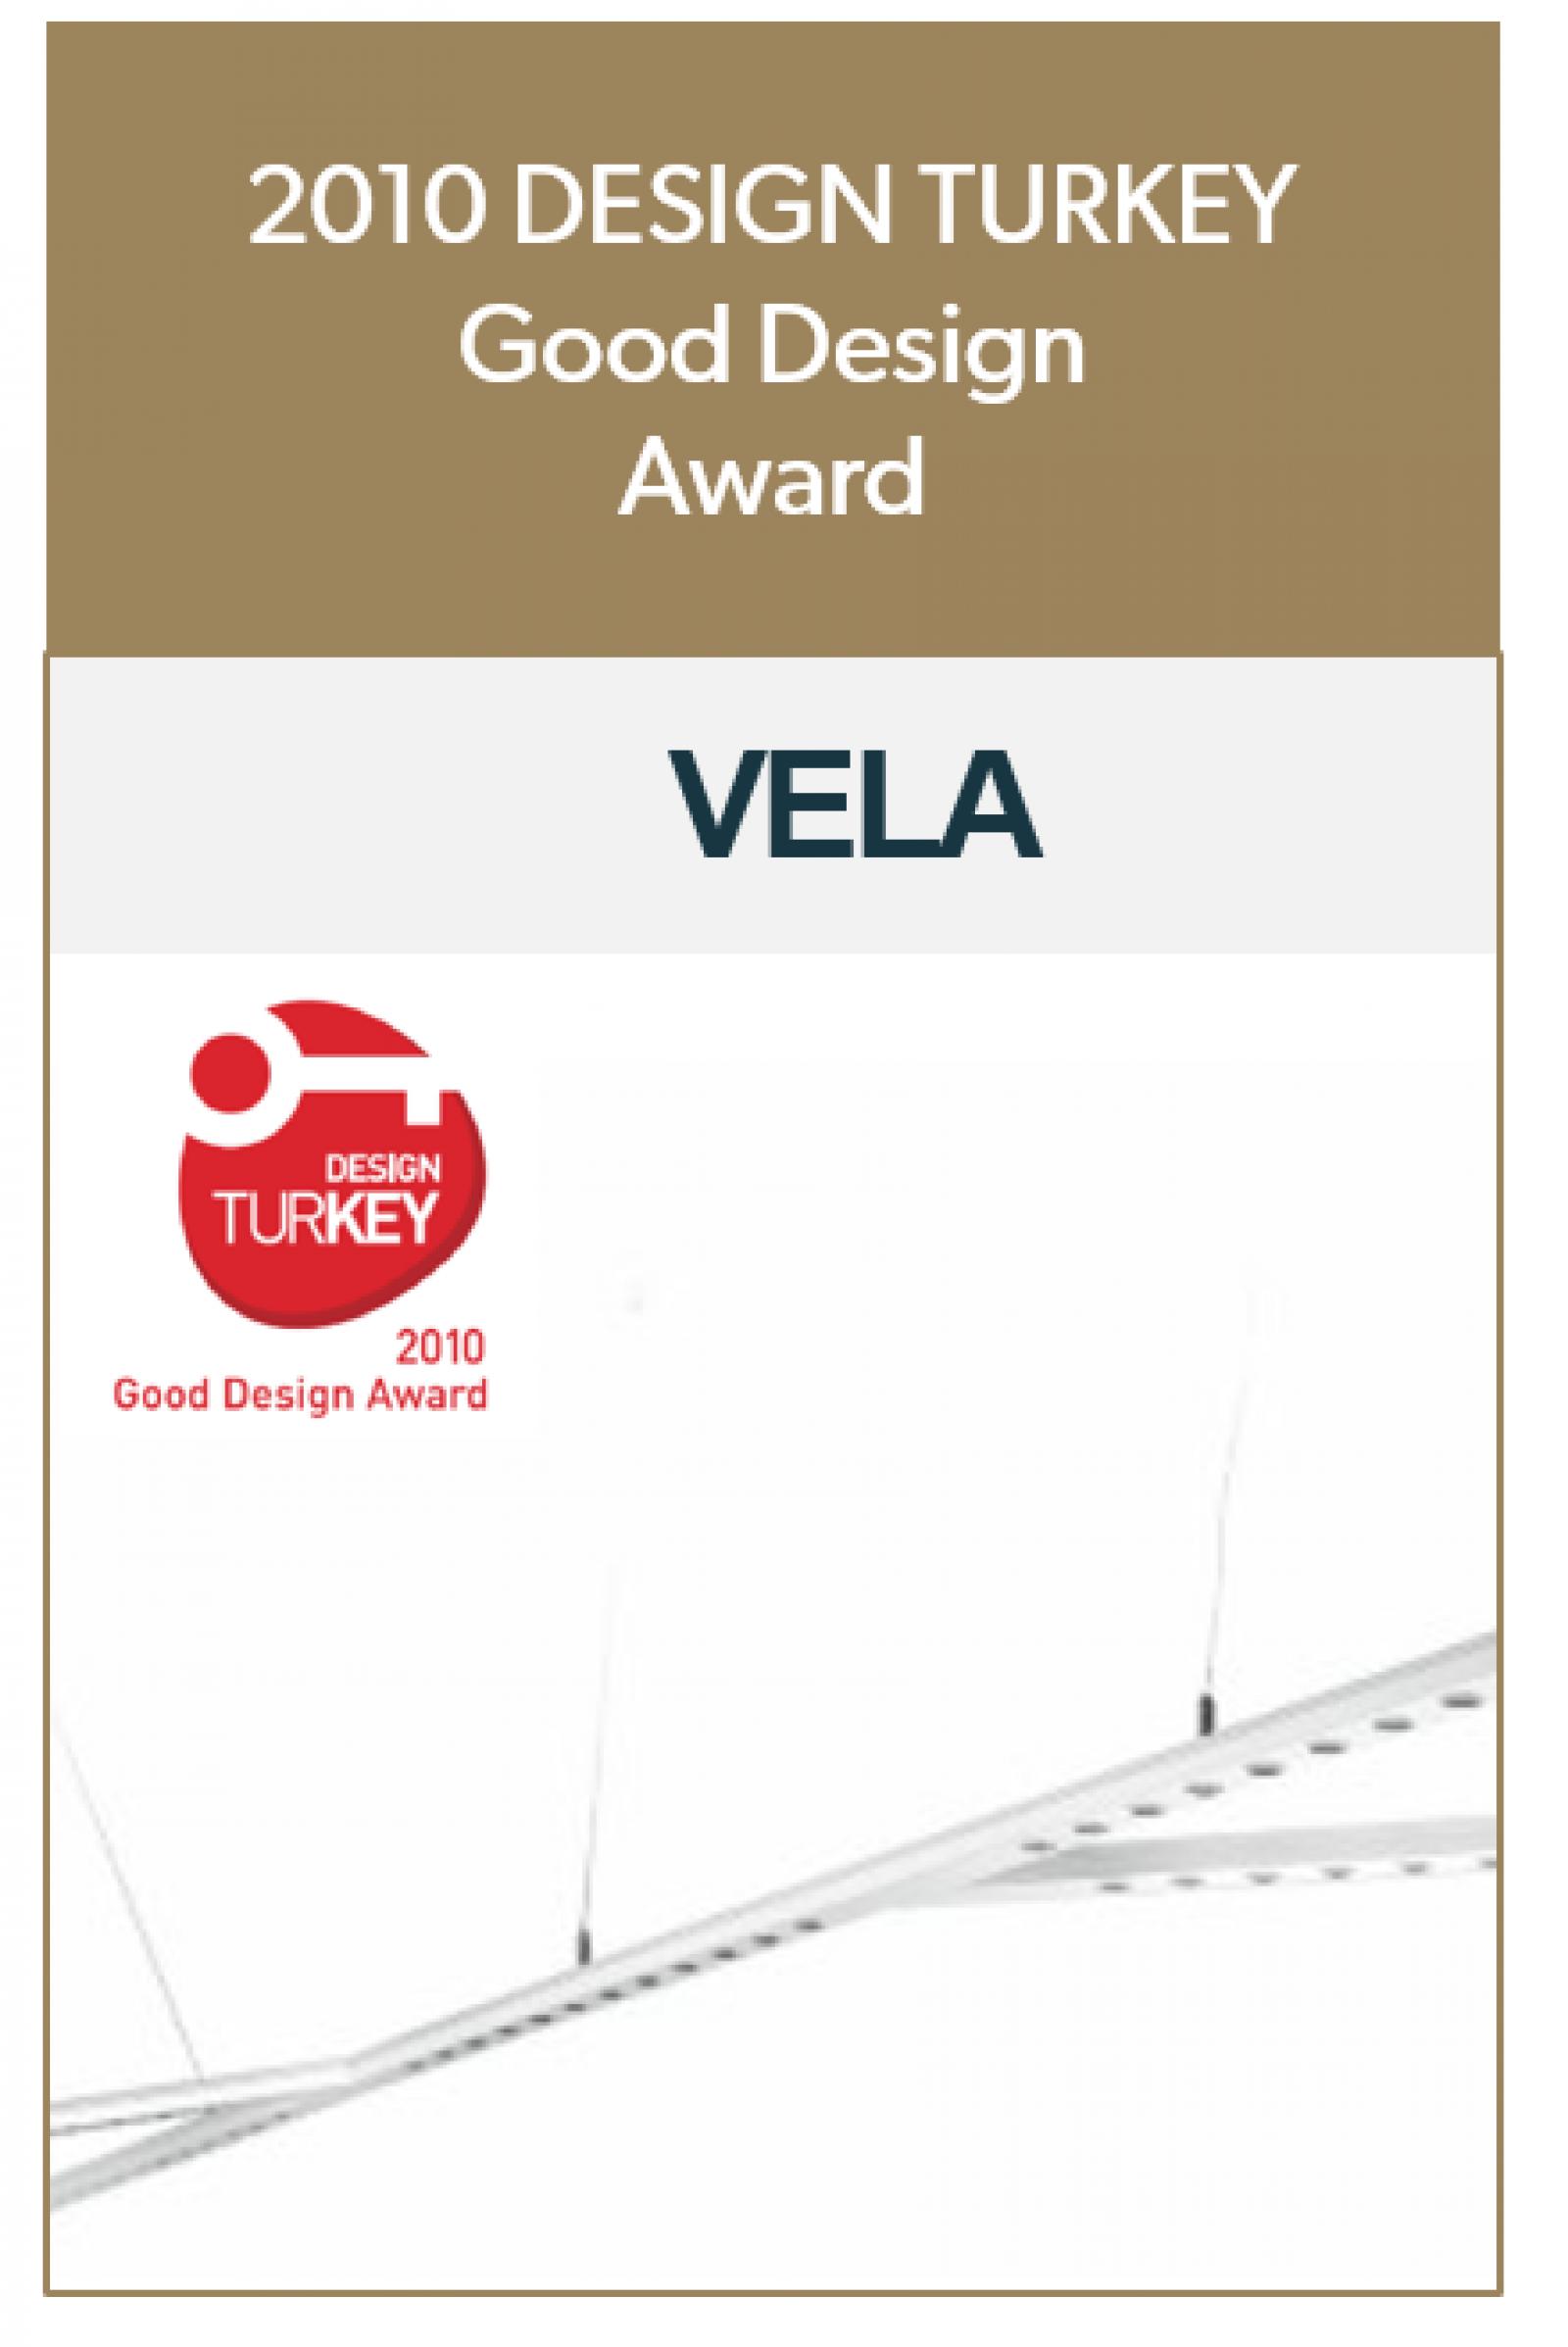 VELA Good Design Award